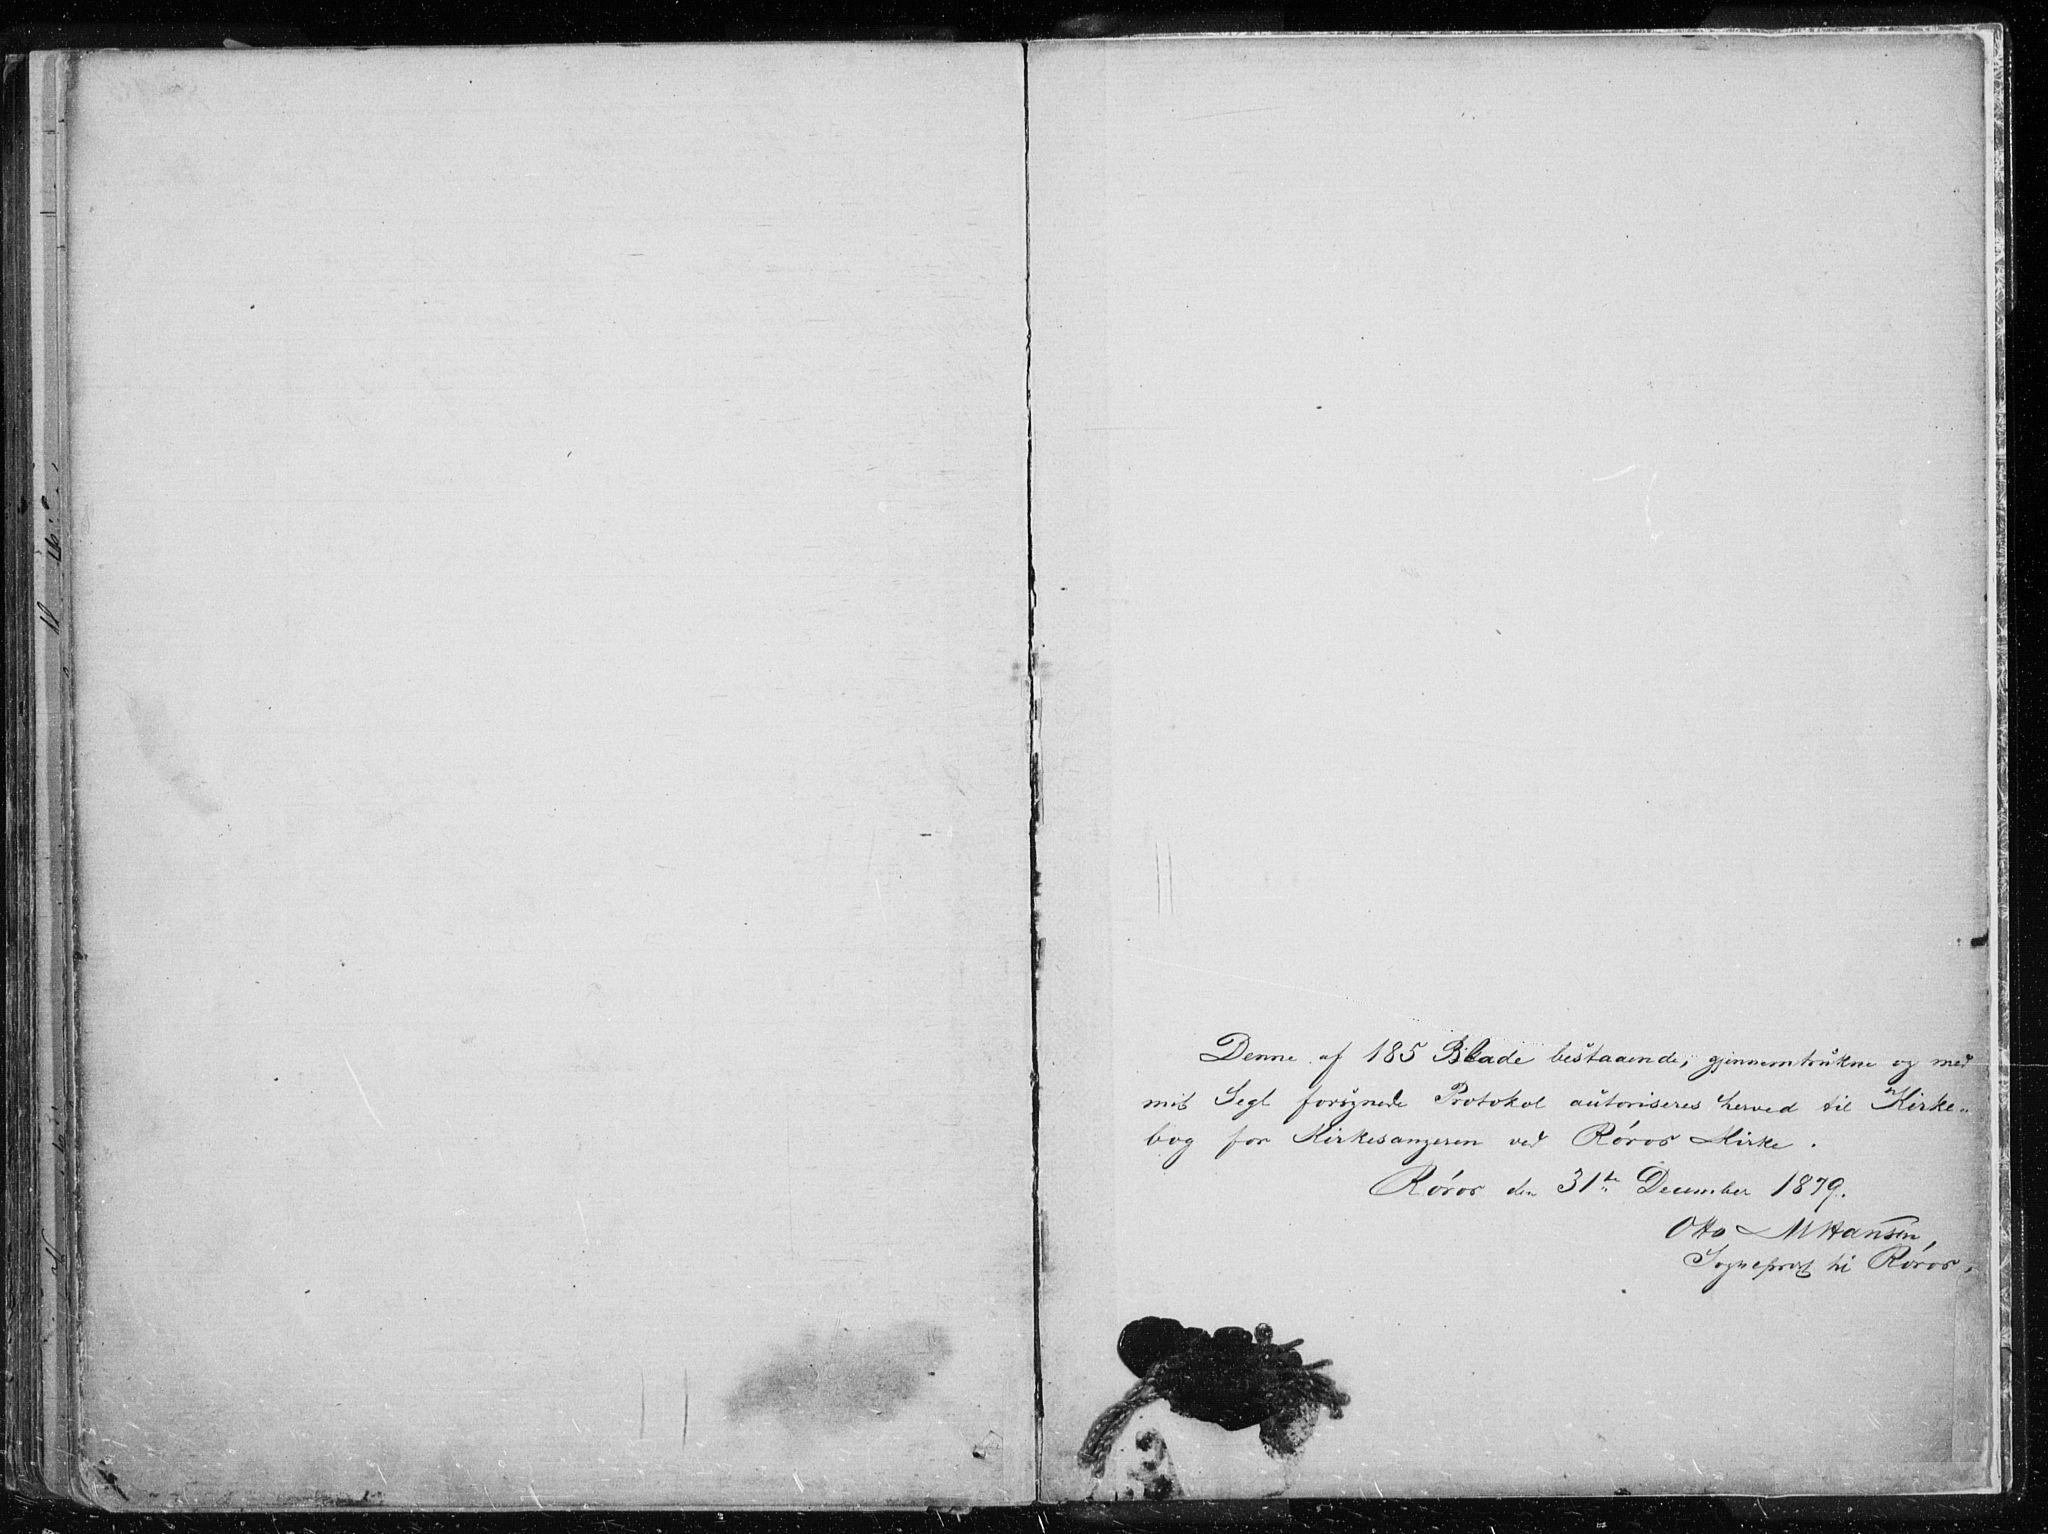 SAT, Ministerialprotokoller, klokkerbøker og fødselsregistre - Sør-Trøndelag, 681/L0940: Klokkerbok nr. 681C04, 1880-1895